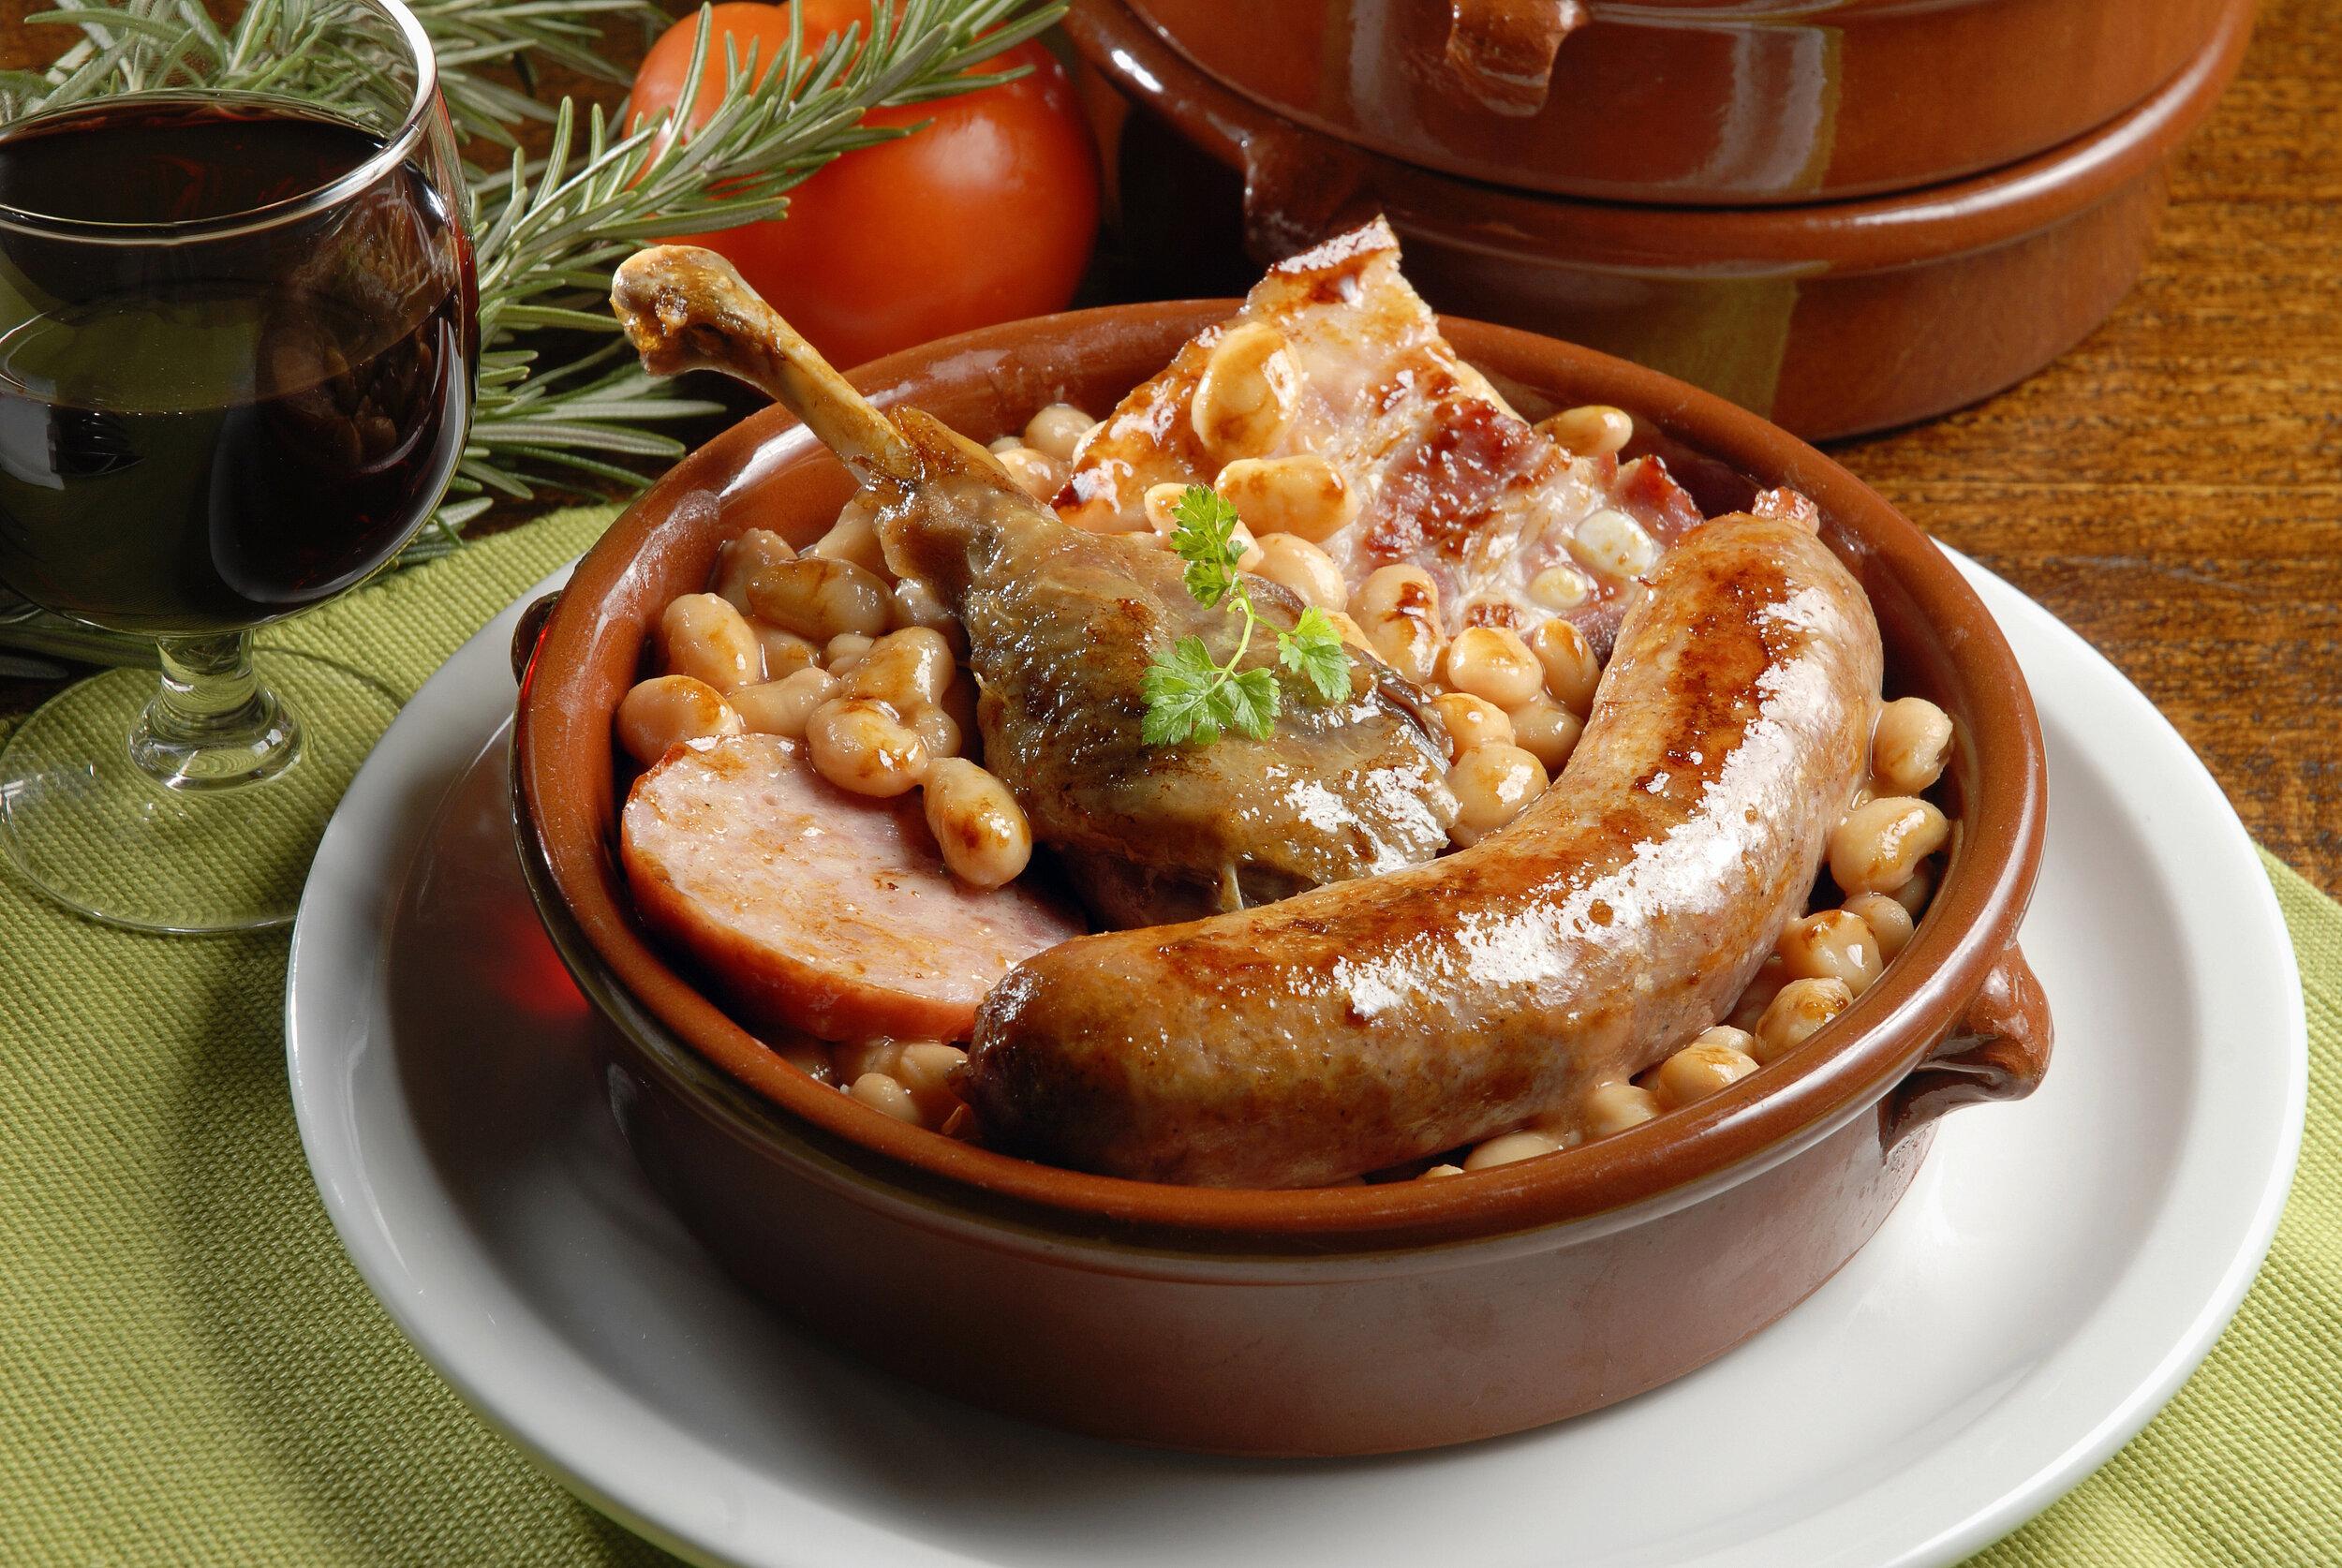 Food of France: Cassoulet